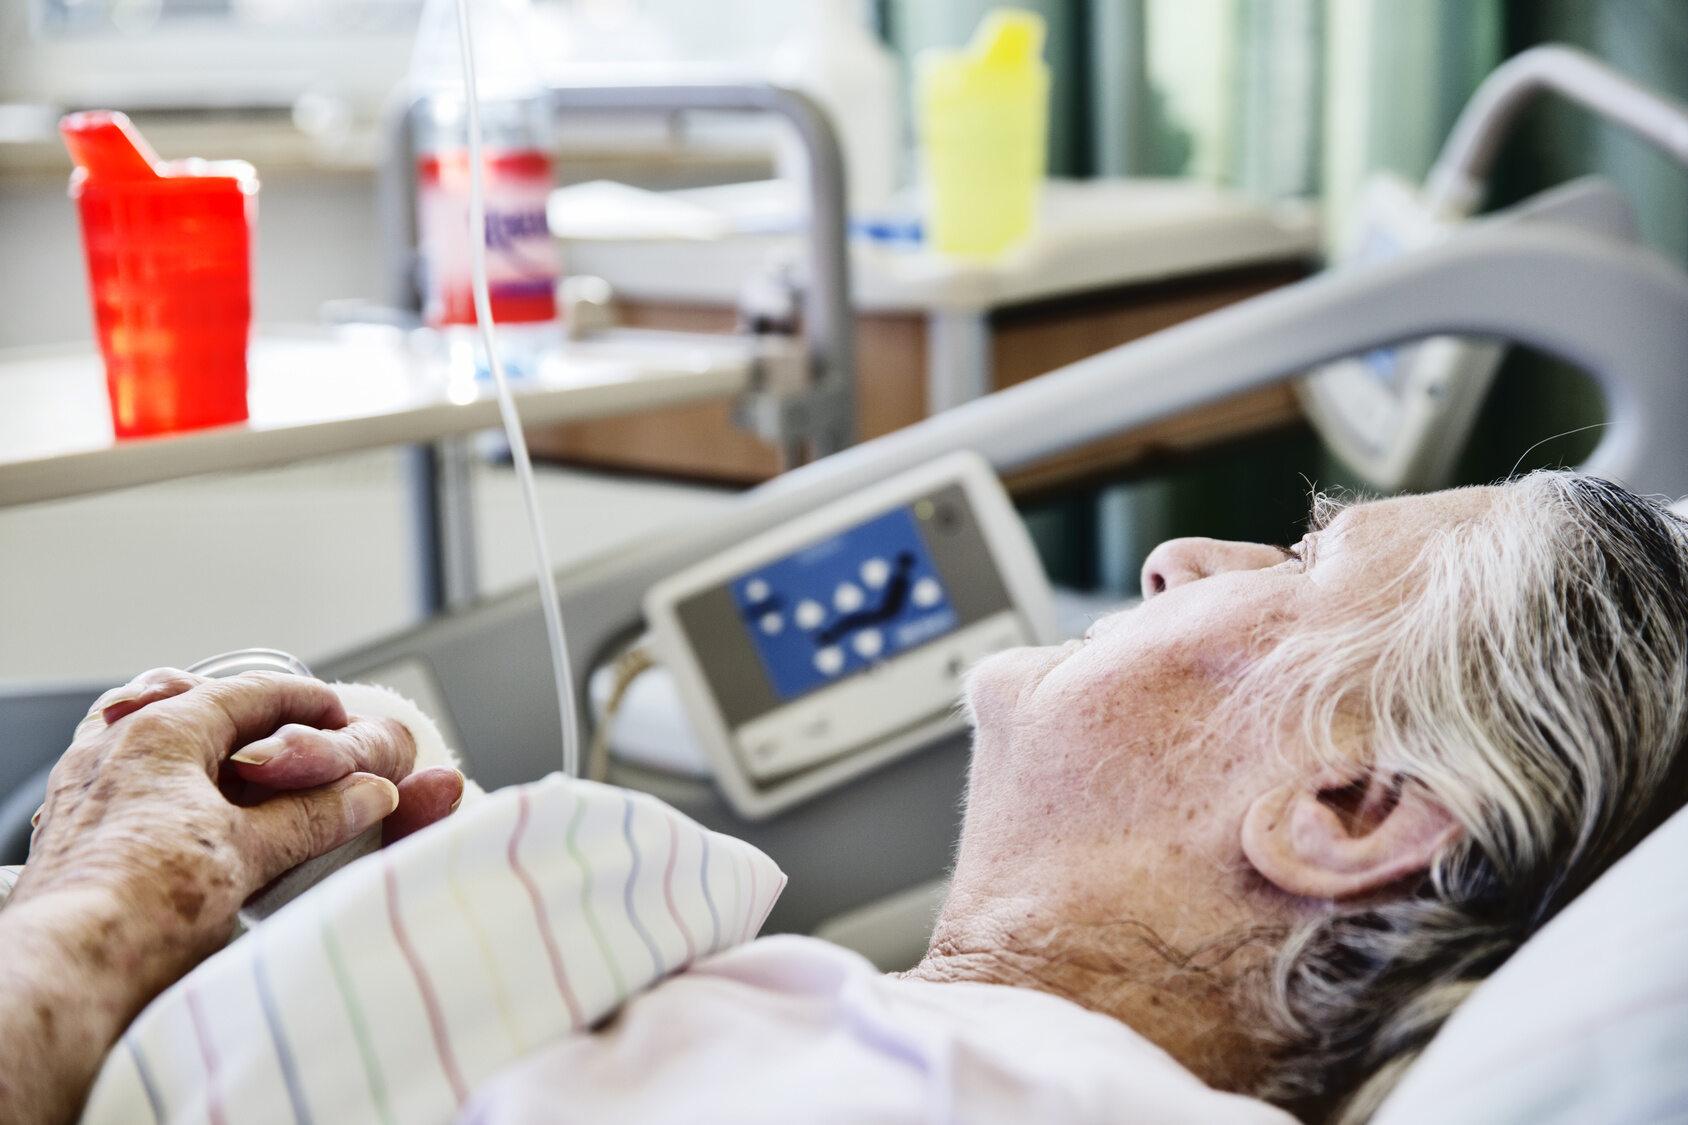 Pacjentka hospicjum (zdj. ilustracyjne)